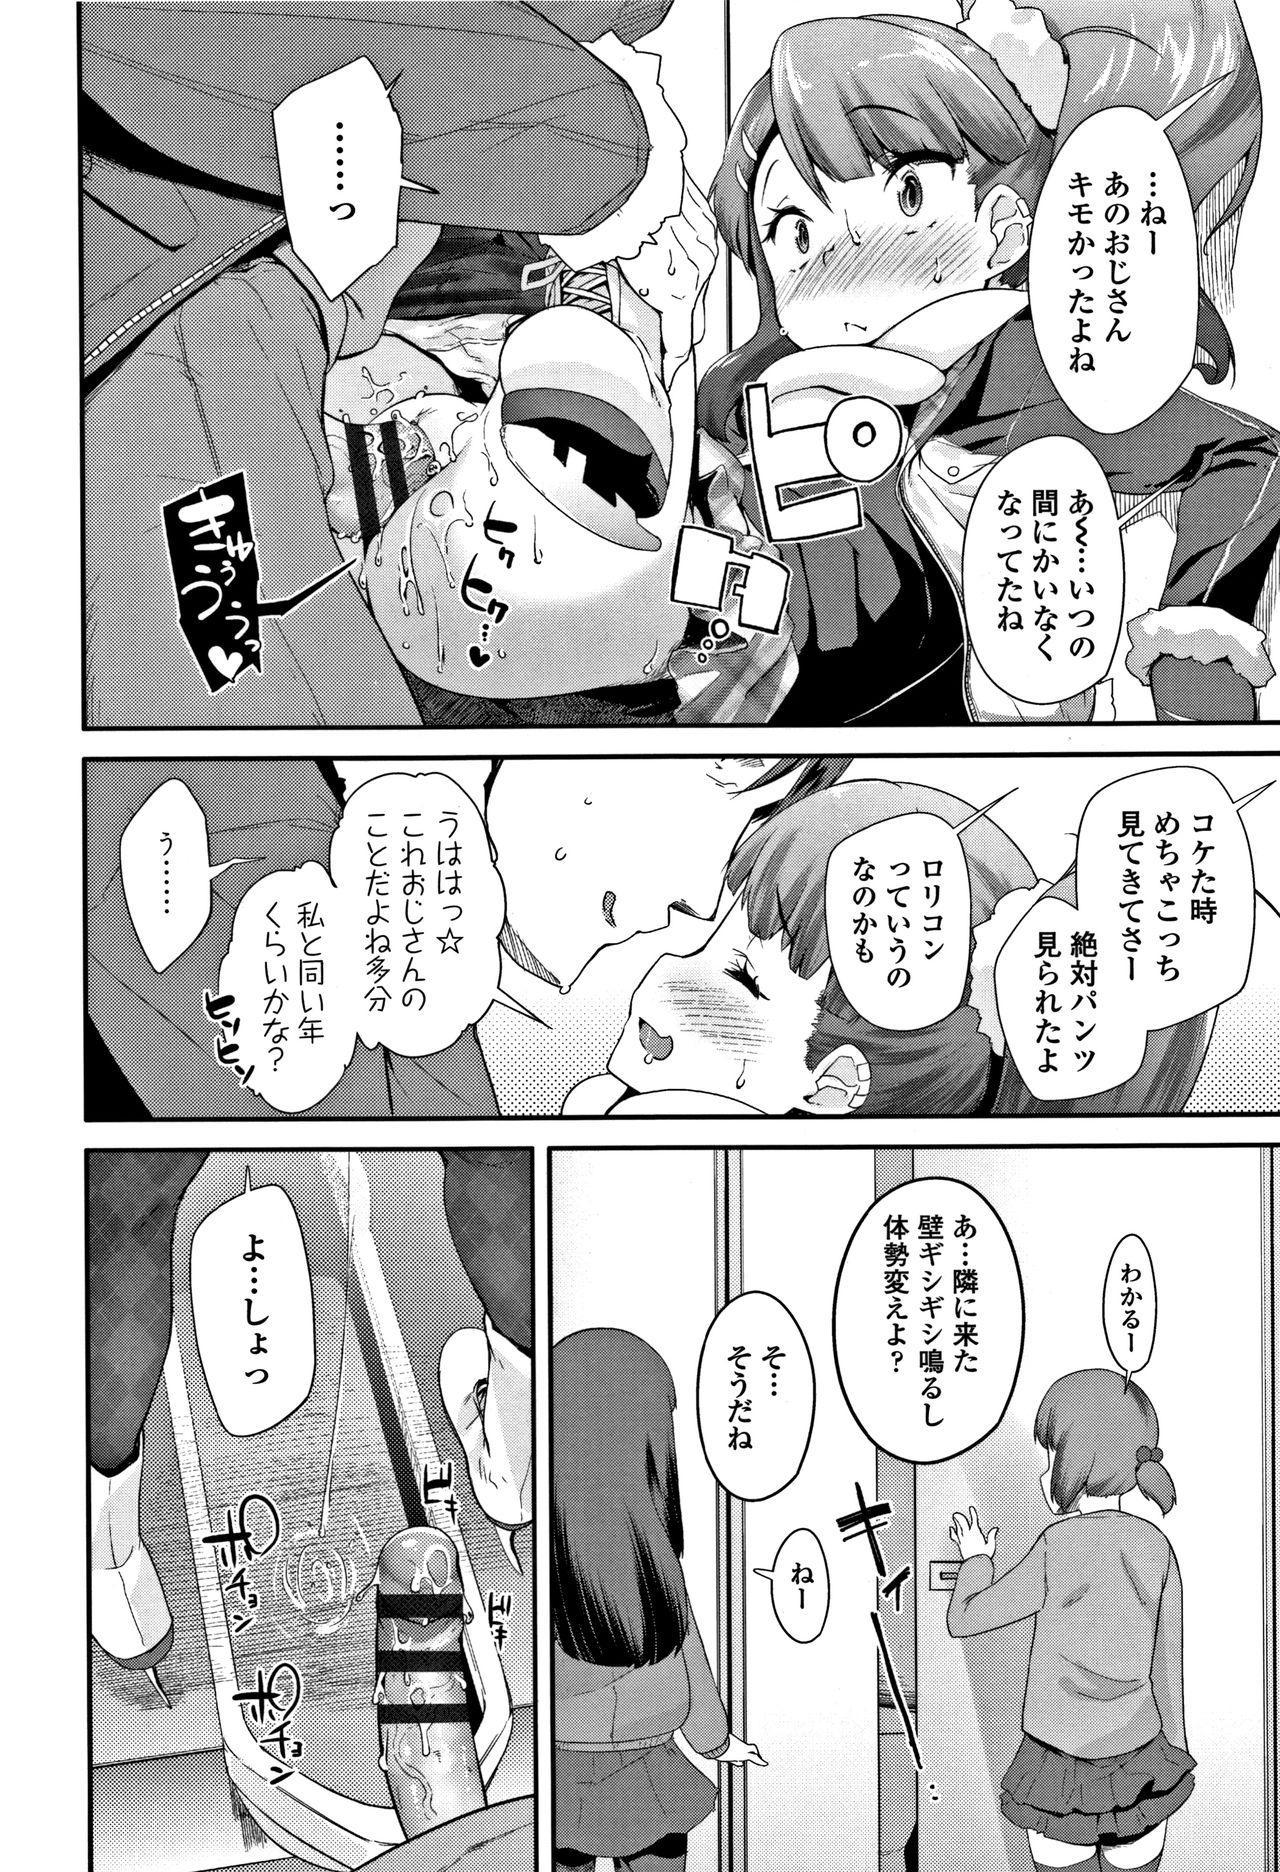 Kirakira Otona Lesson 108